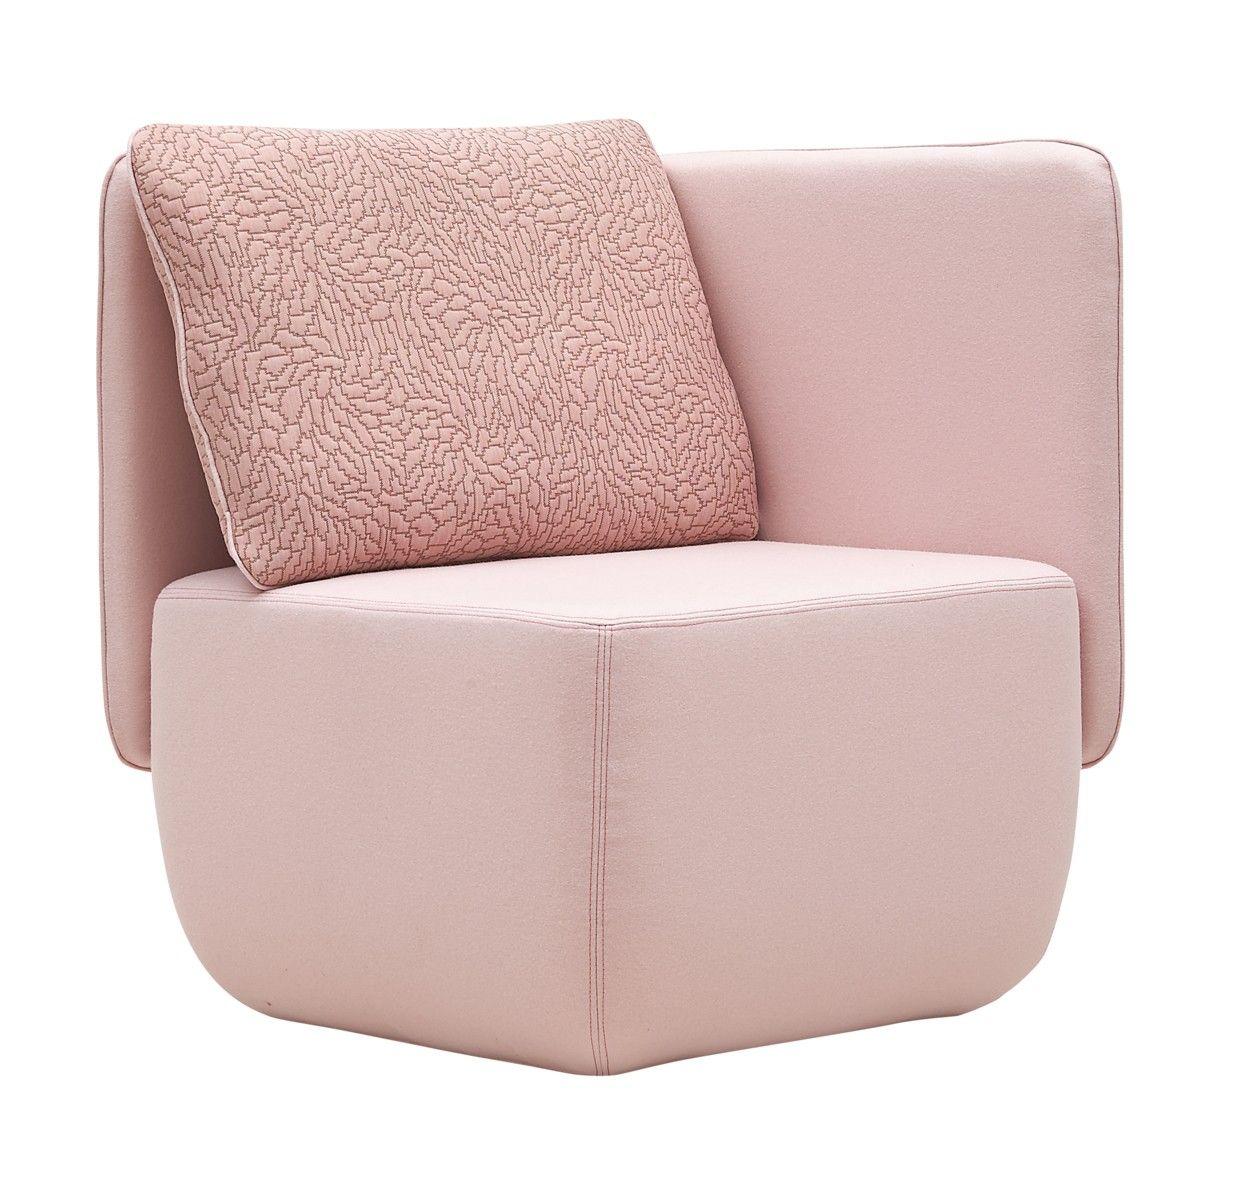 Sessel Design Vielseitigen Einsatz Beehive | Jetzt Bei Desigano Com Opera Eckelement Sitzmobel Lounge Sessel Von